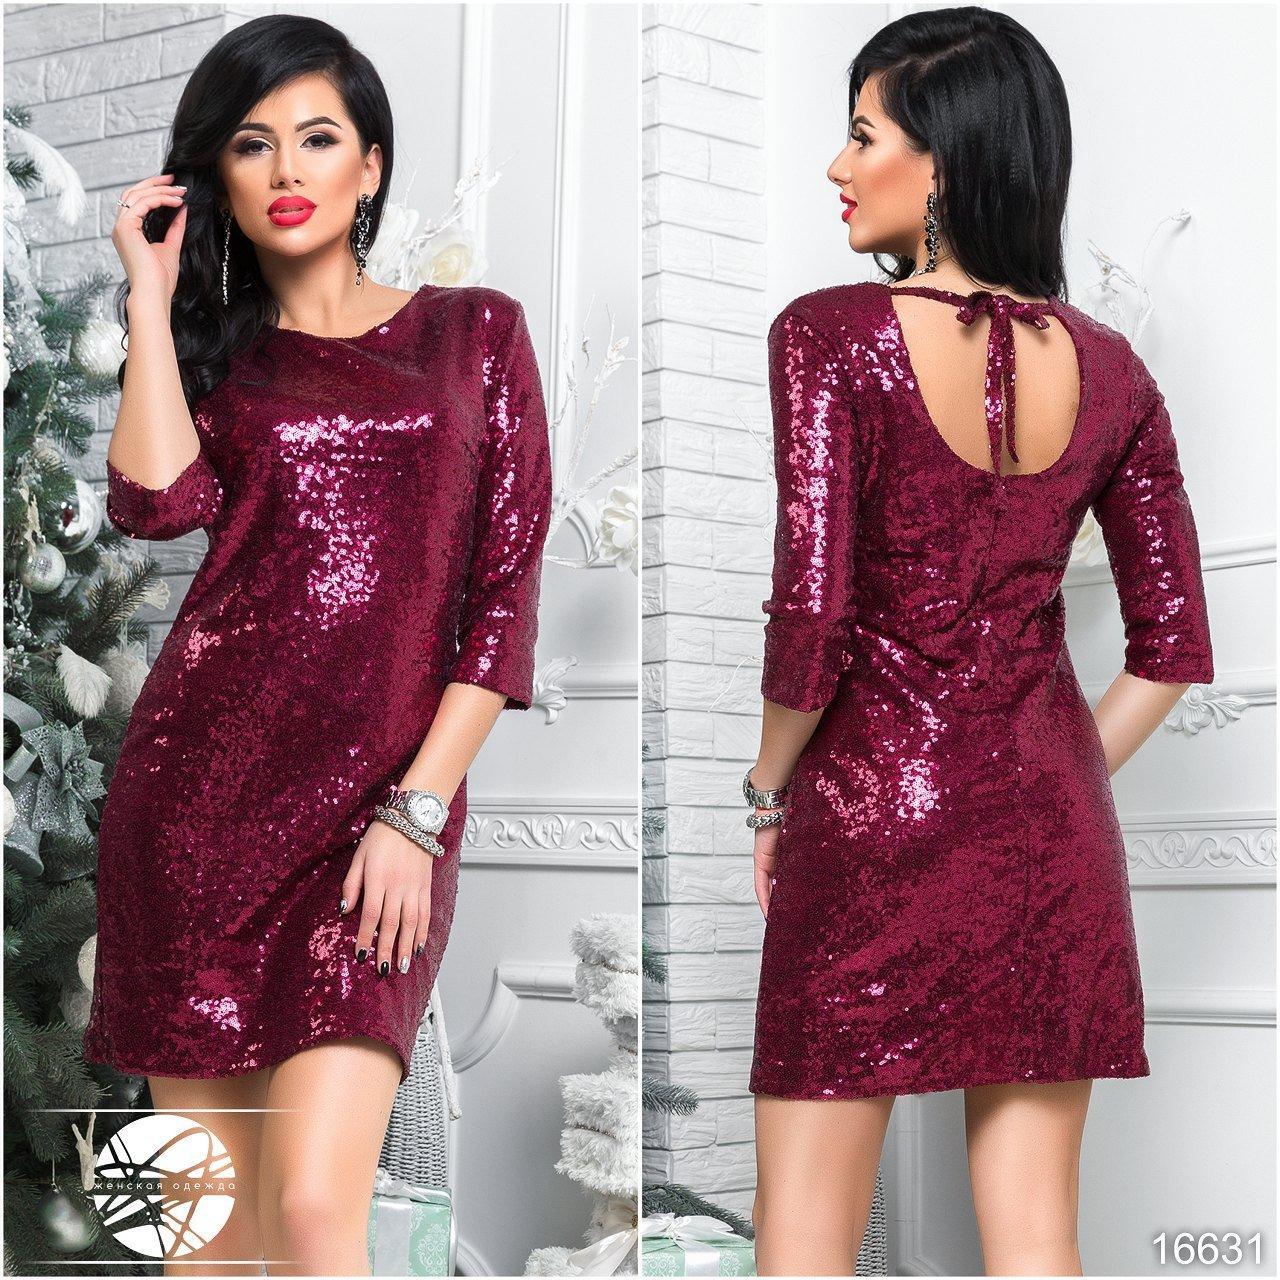 b100d68078a Вечернее платье с пайетками бордового цвета. Модель 16631. Размеры ...